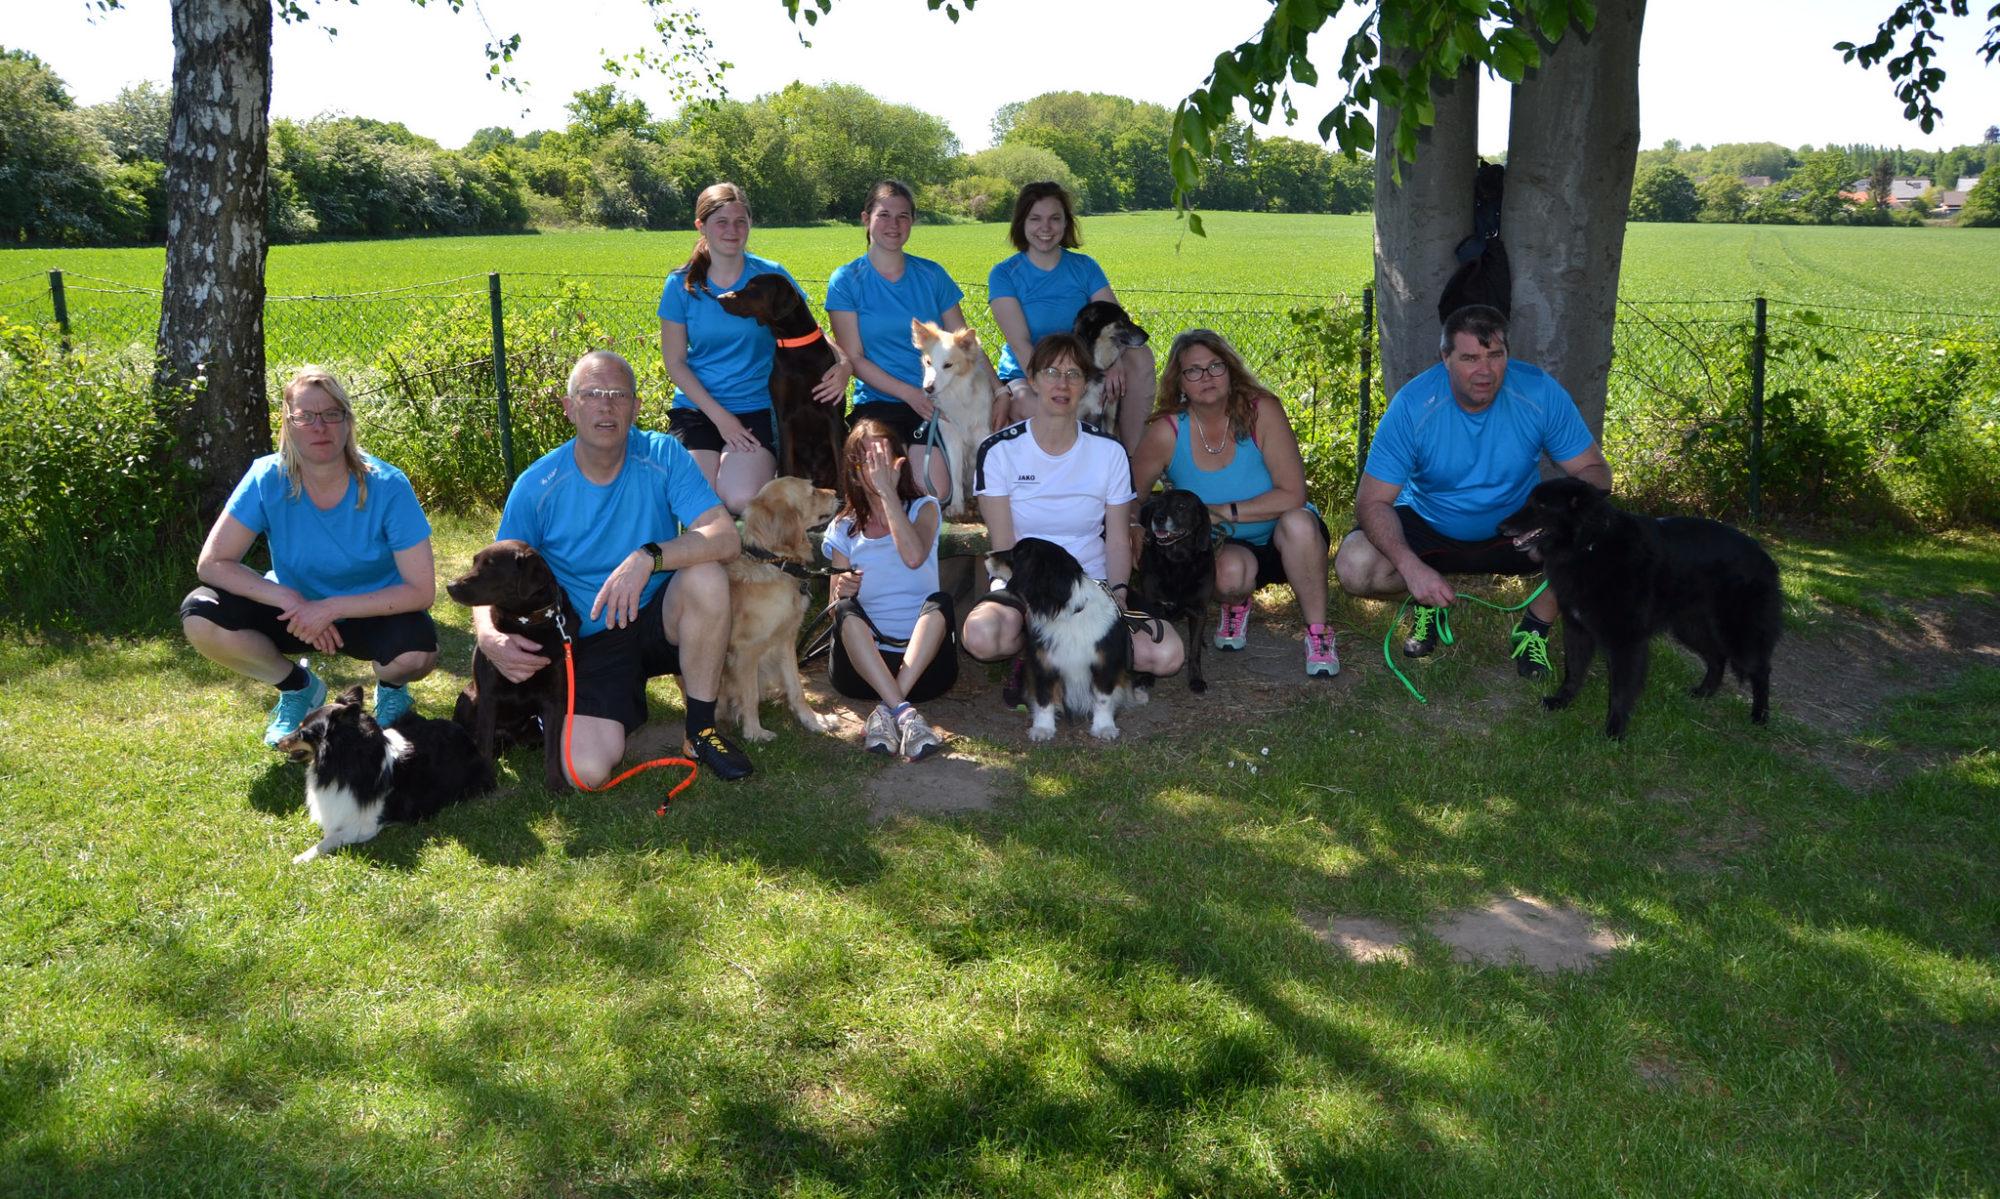 Hundesportverein Angerland